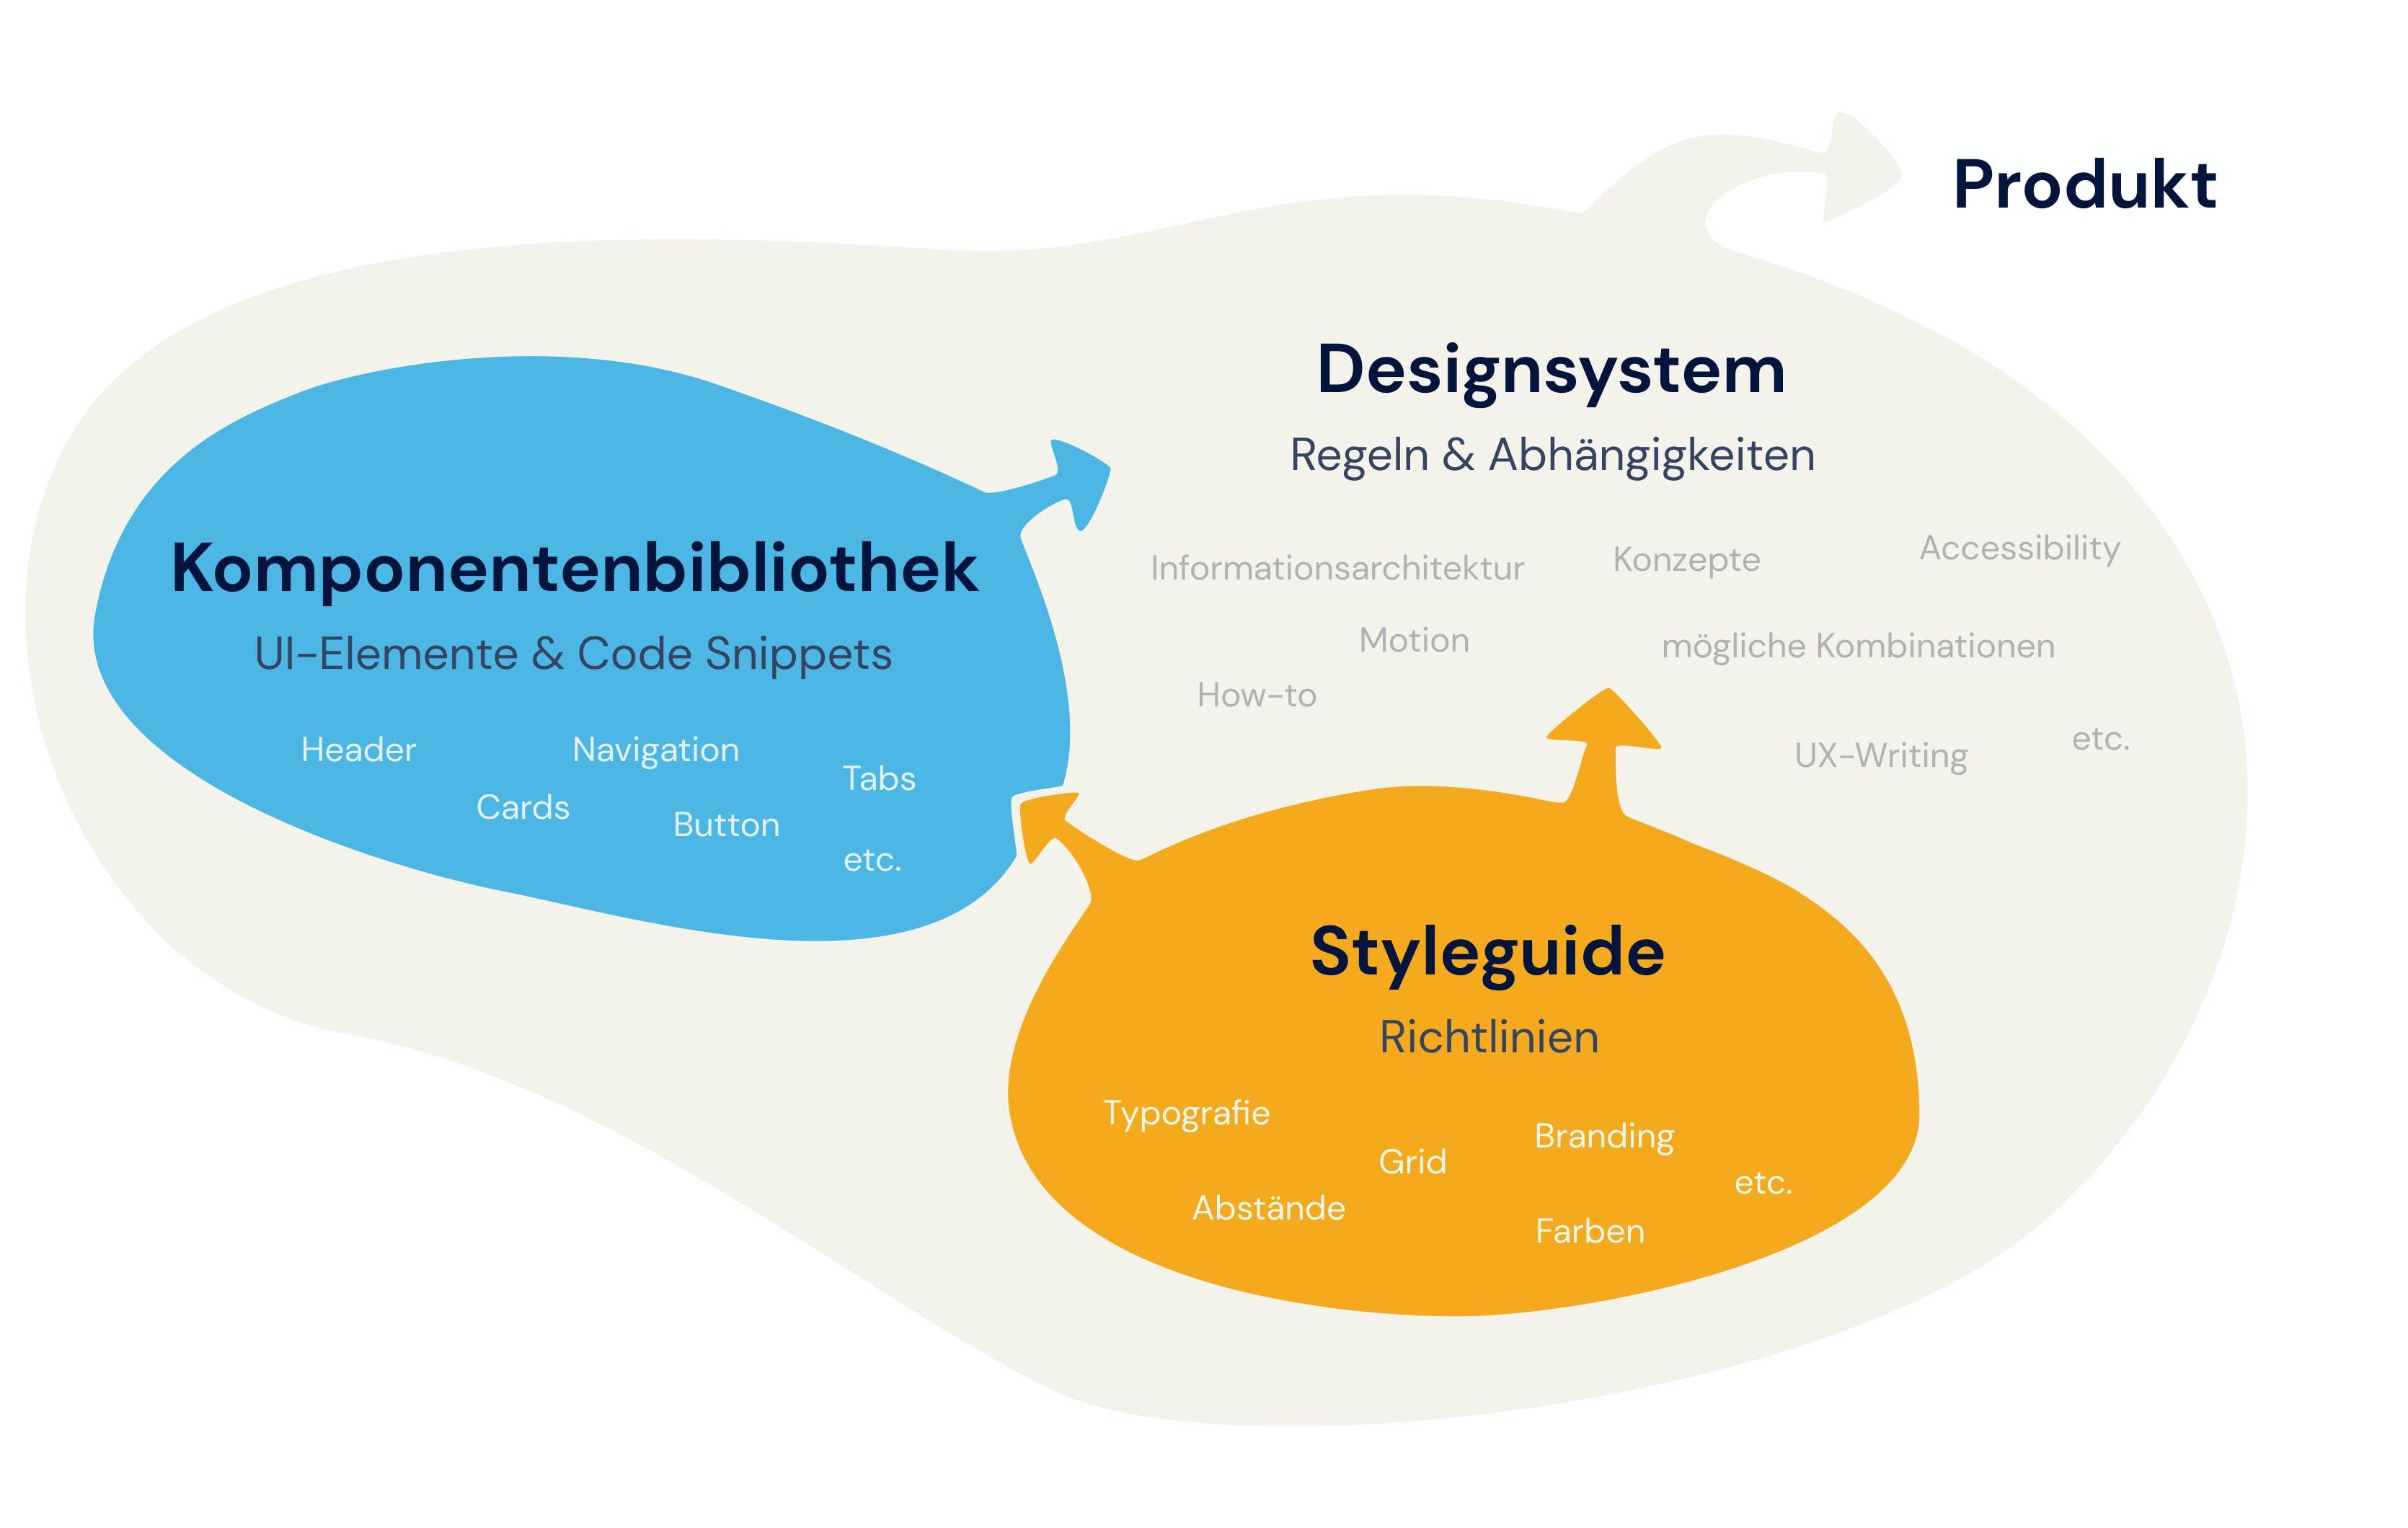 Was ist ein Styleguide? Alle Komponenten im Überblick - sowie die Abgrenzung zu einem Styleguide und der Komponentenbibliothek